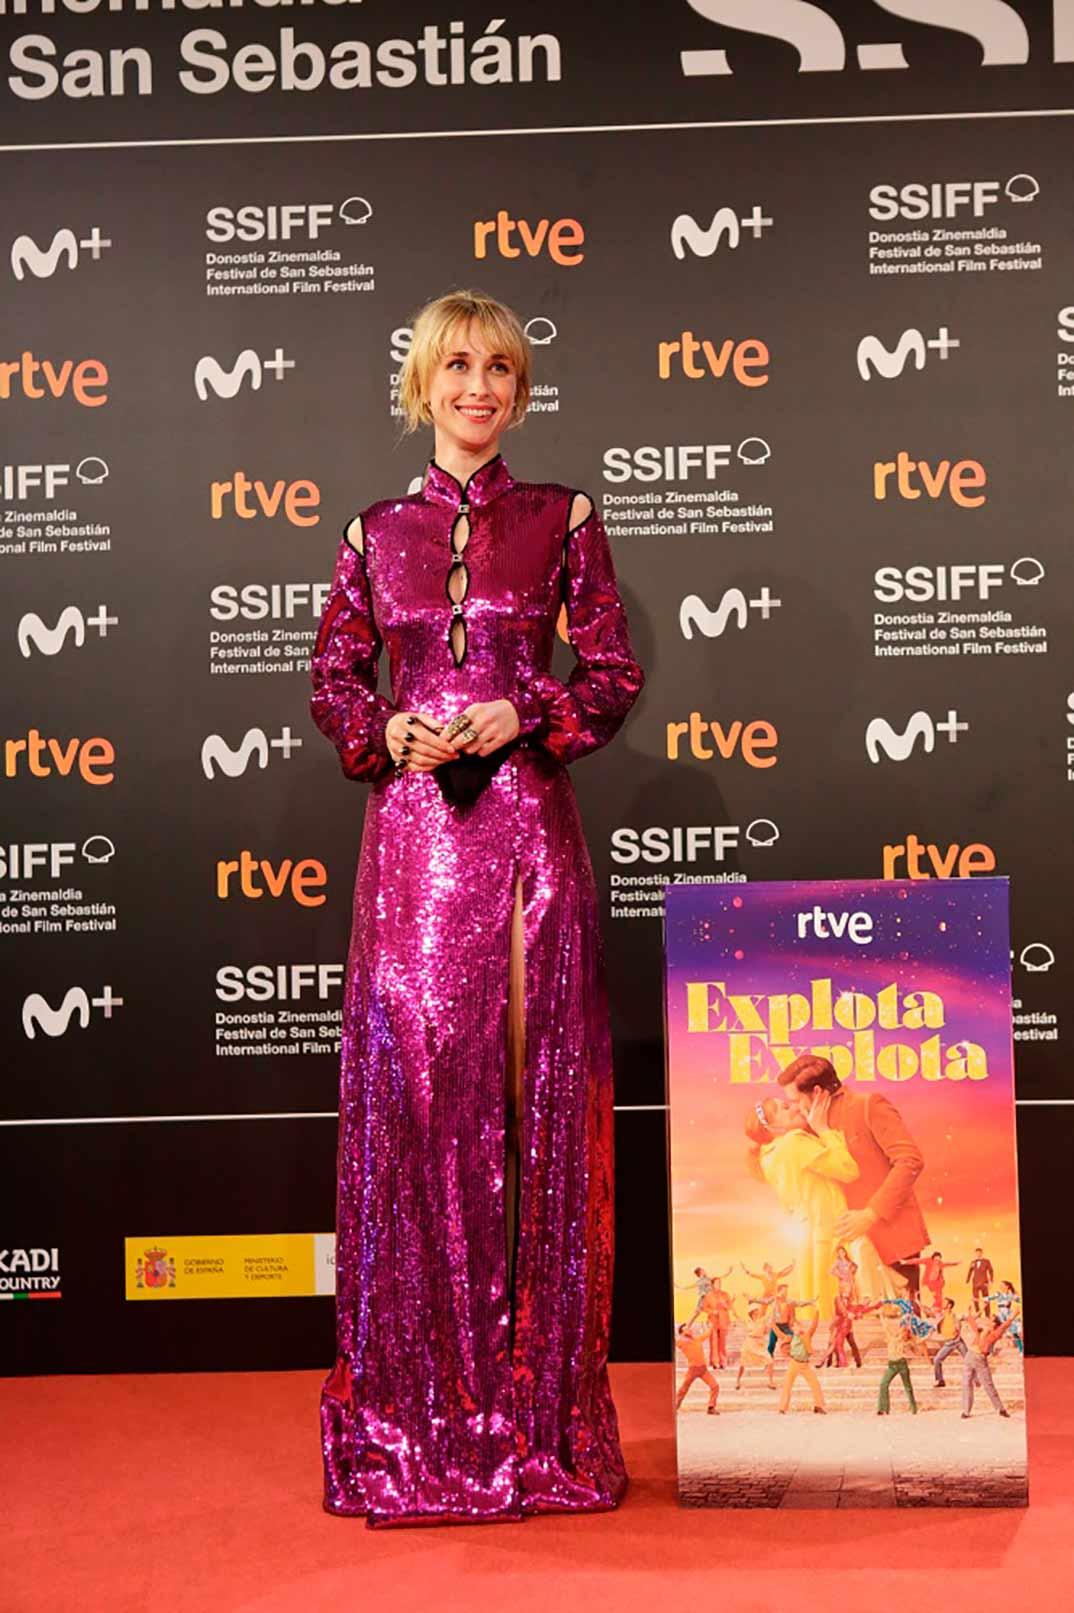 Ingrid García-Jonsson - Explota explota © Festival de Cine de San Sebastián